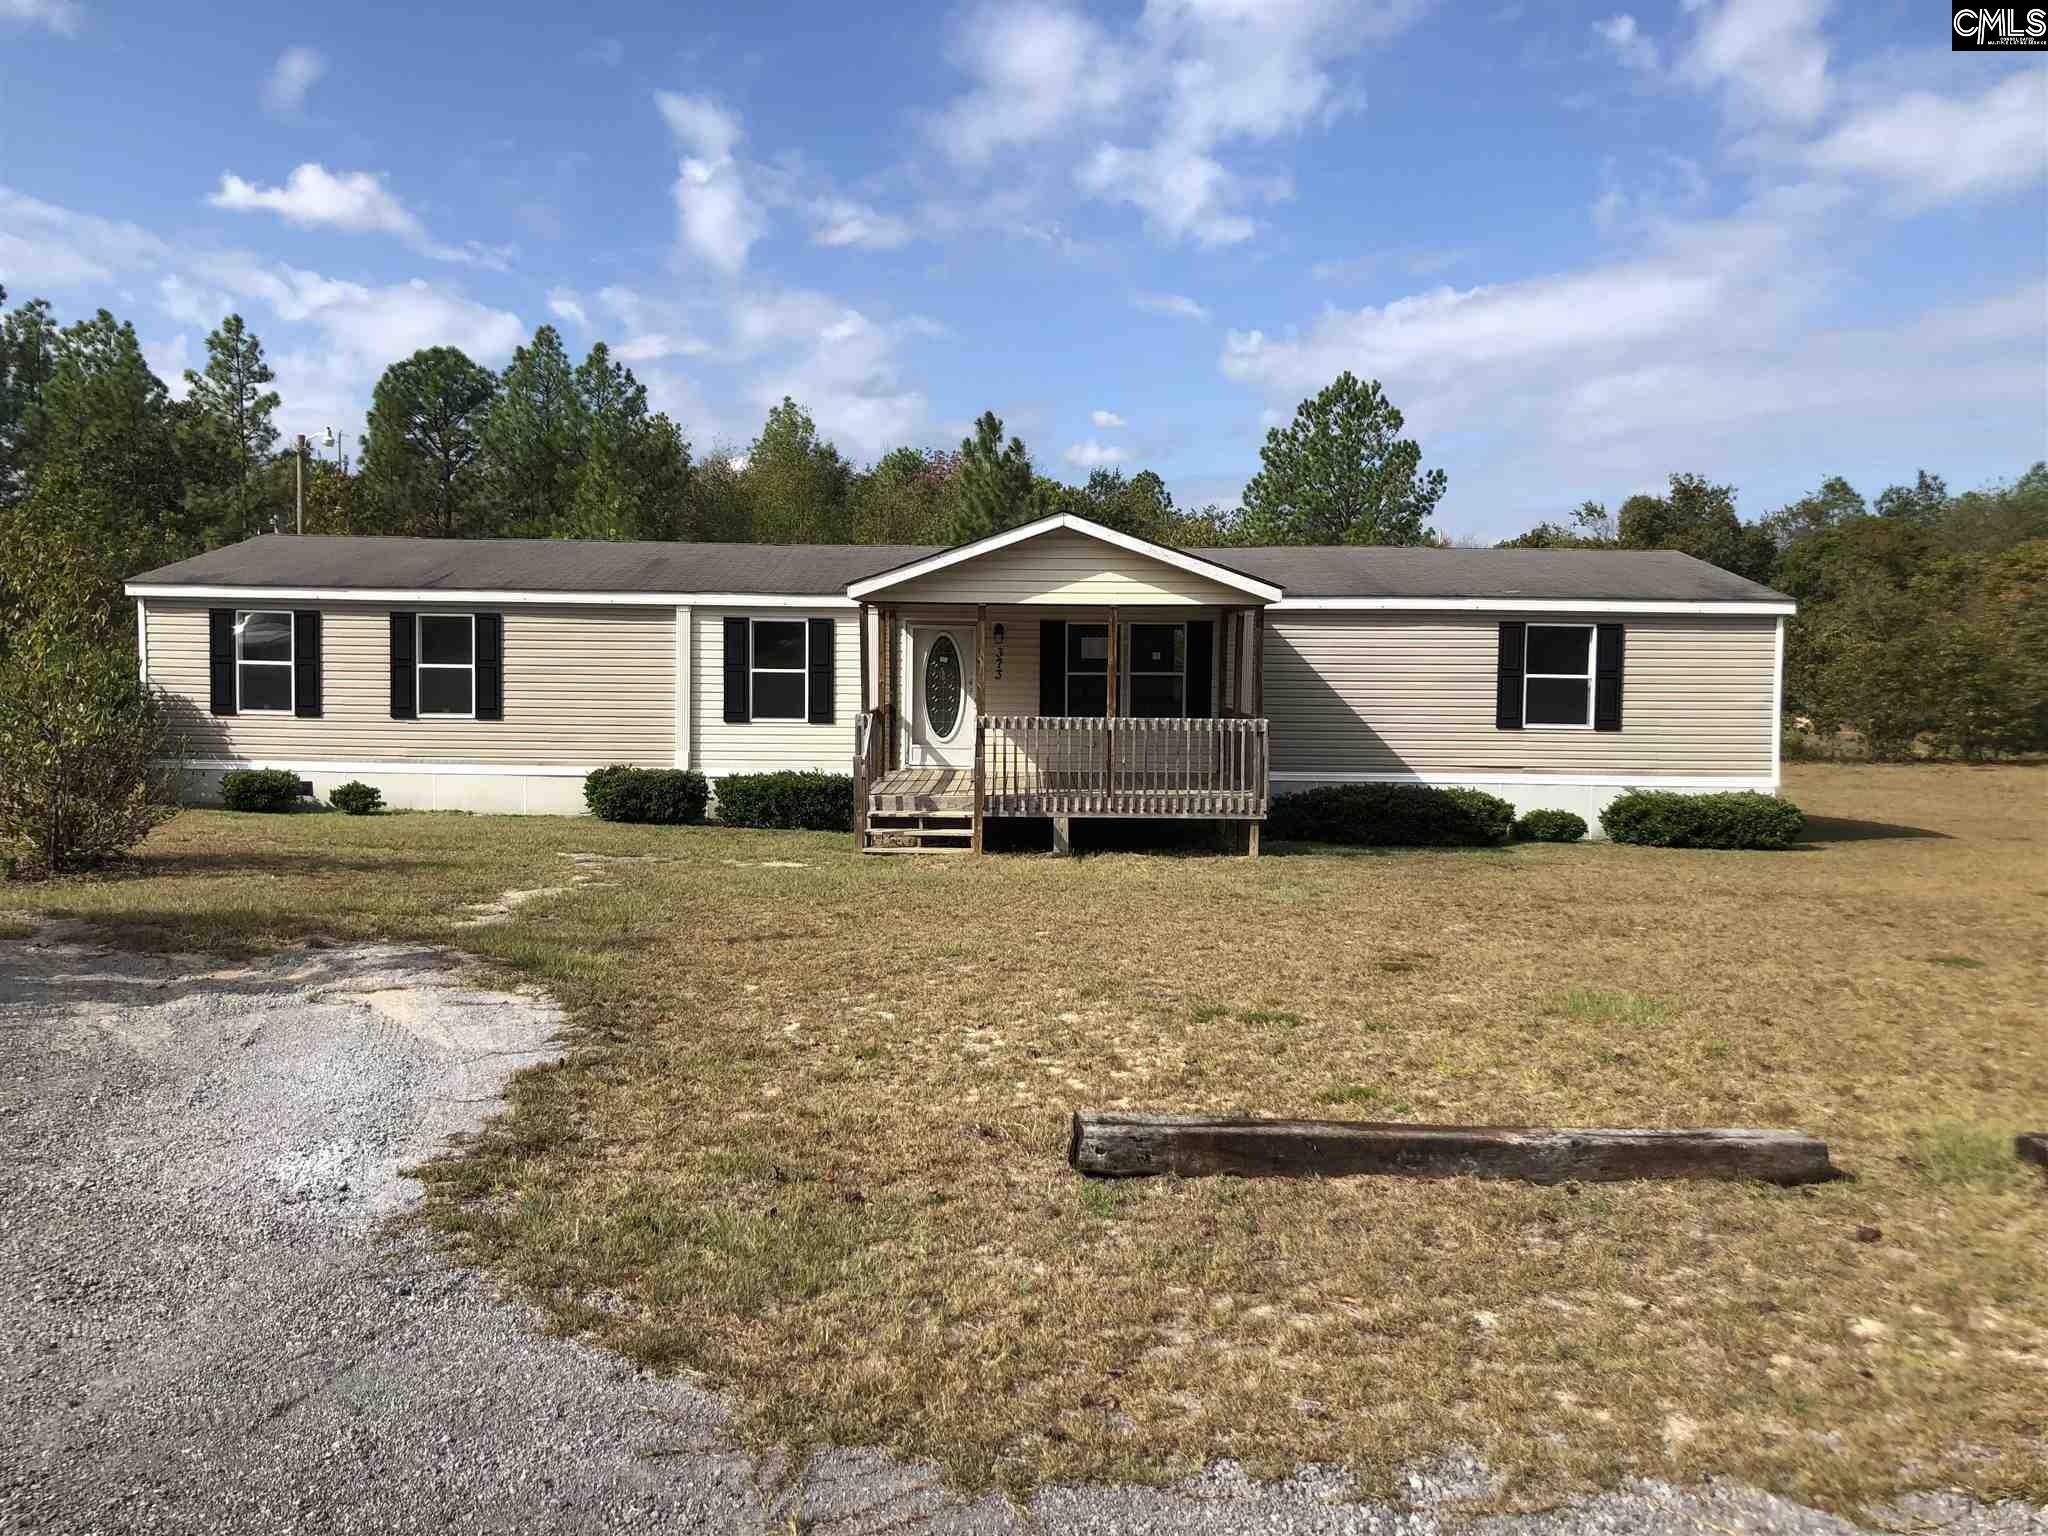 373 State Pond Gaston, SC 29053